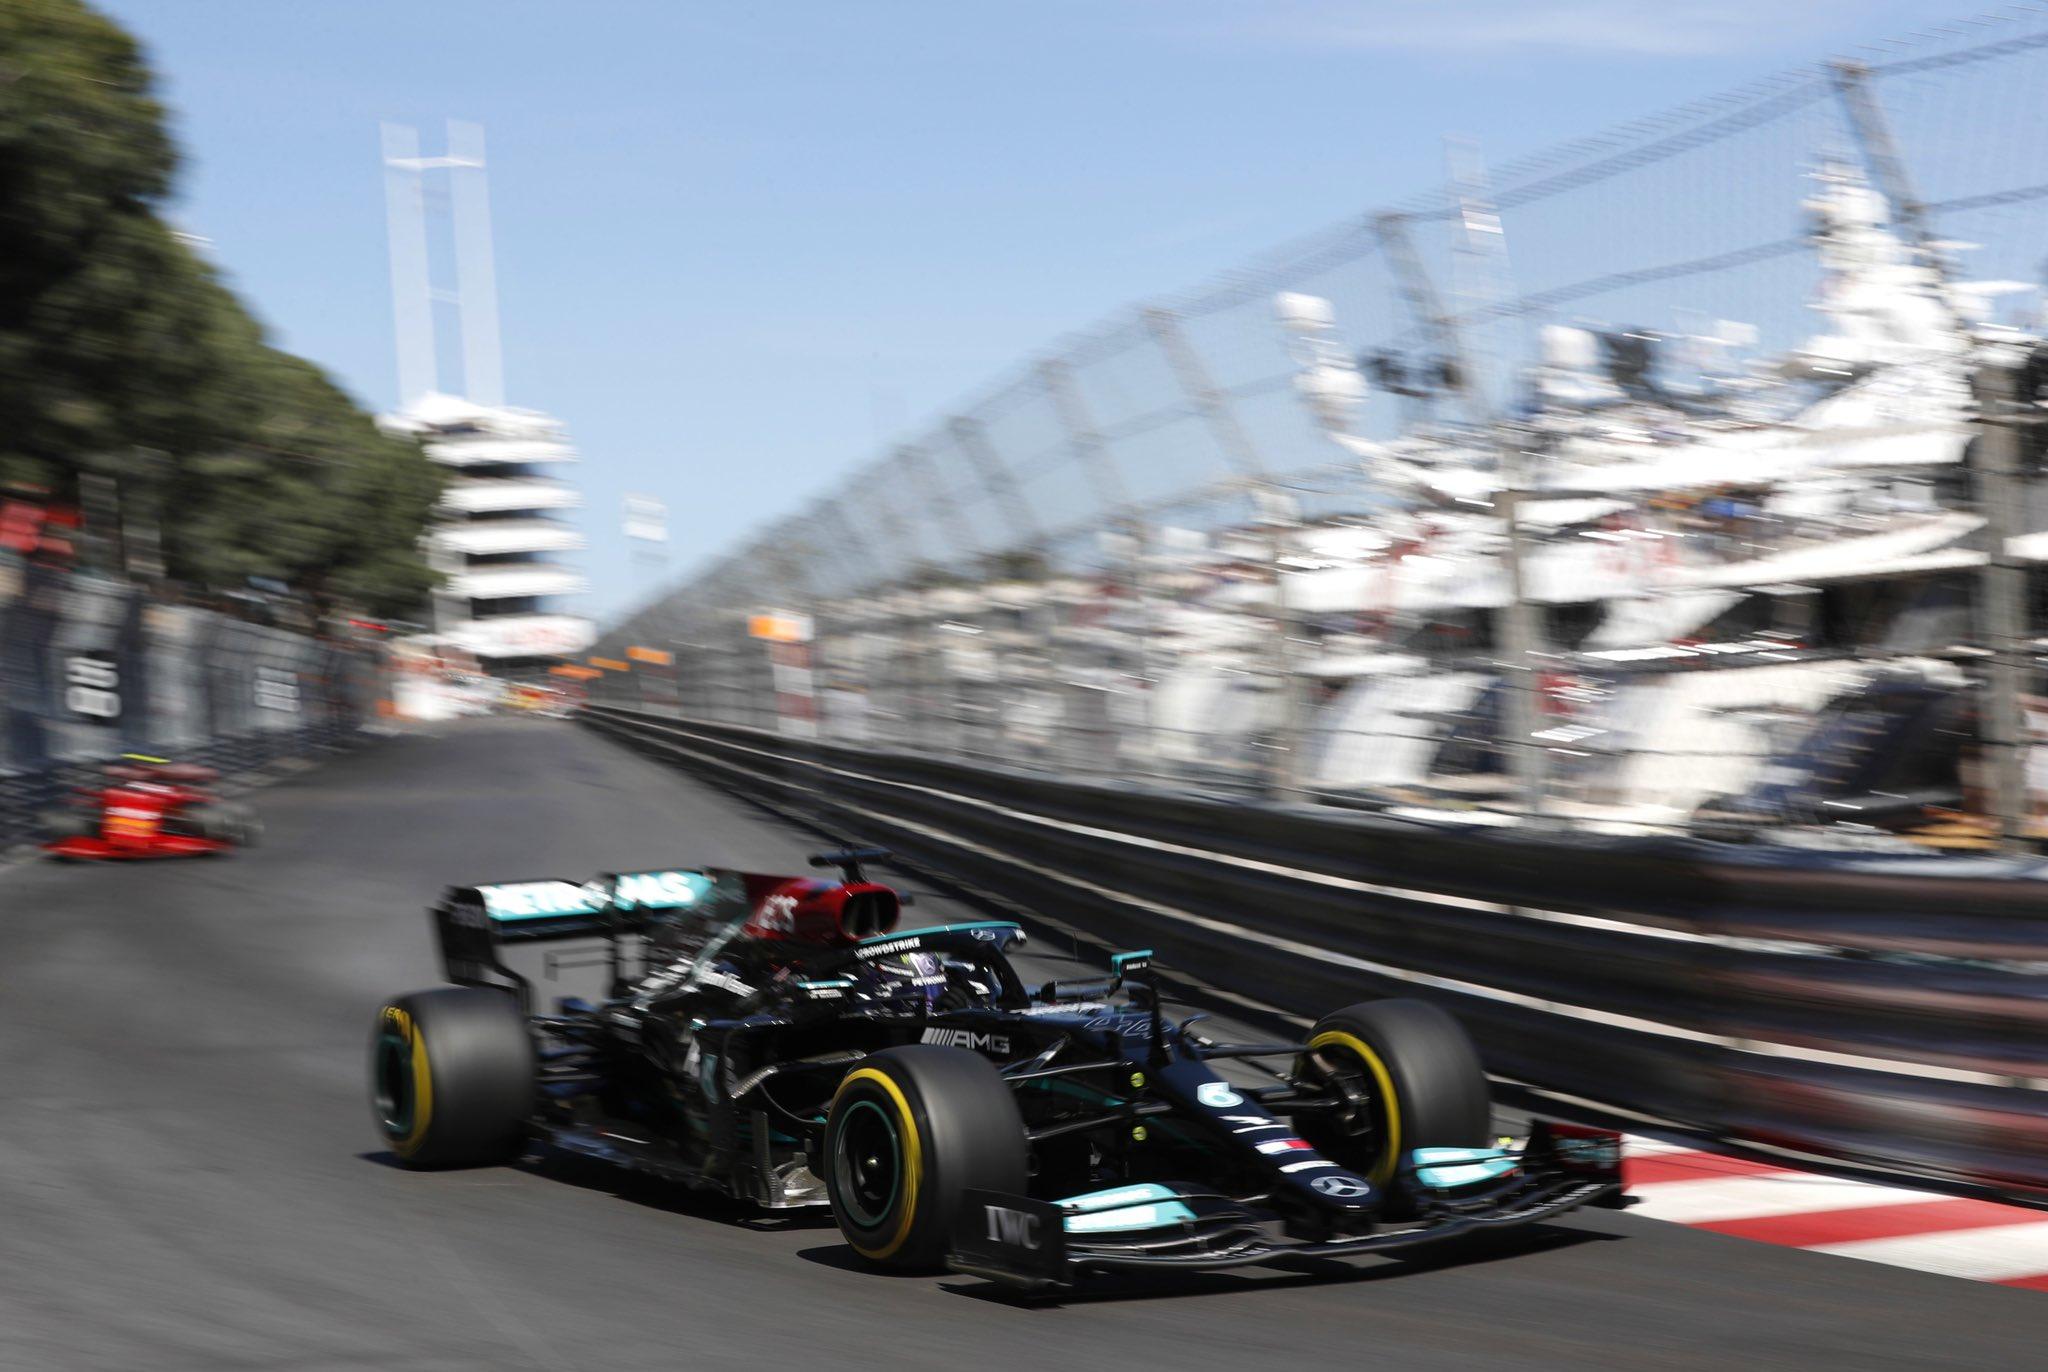 Hamilton mắc kẹt trong các tính toán sai lầm của Mercedes, nên không thể bứt phá trên đường đua chật hẹp của Monaco. Ảnh: Mercedes F1